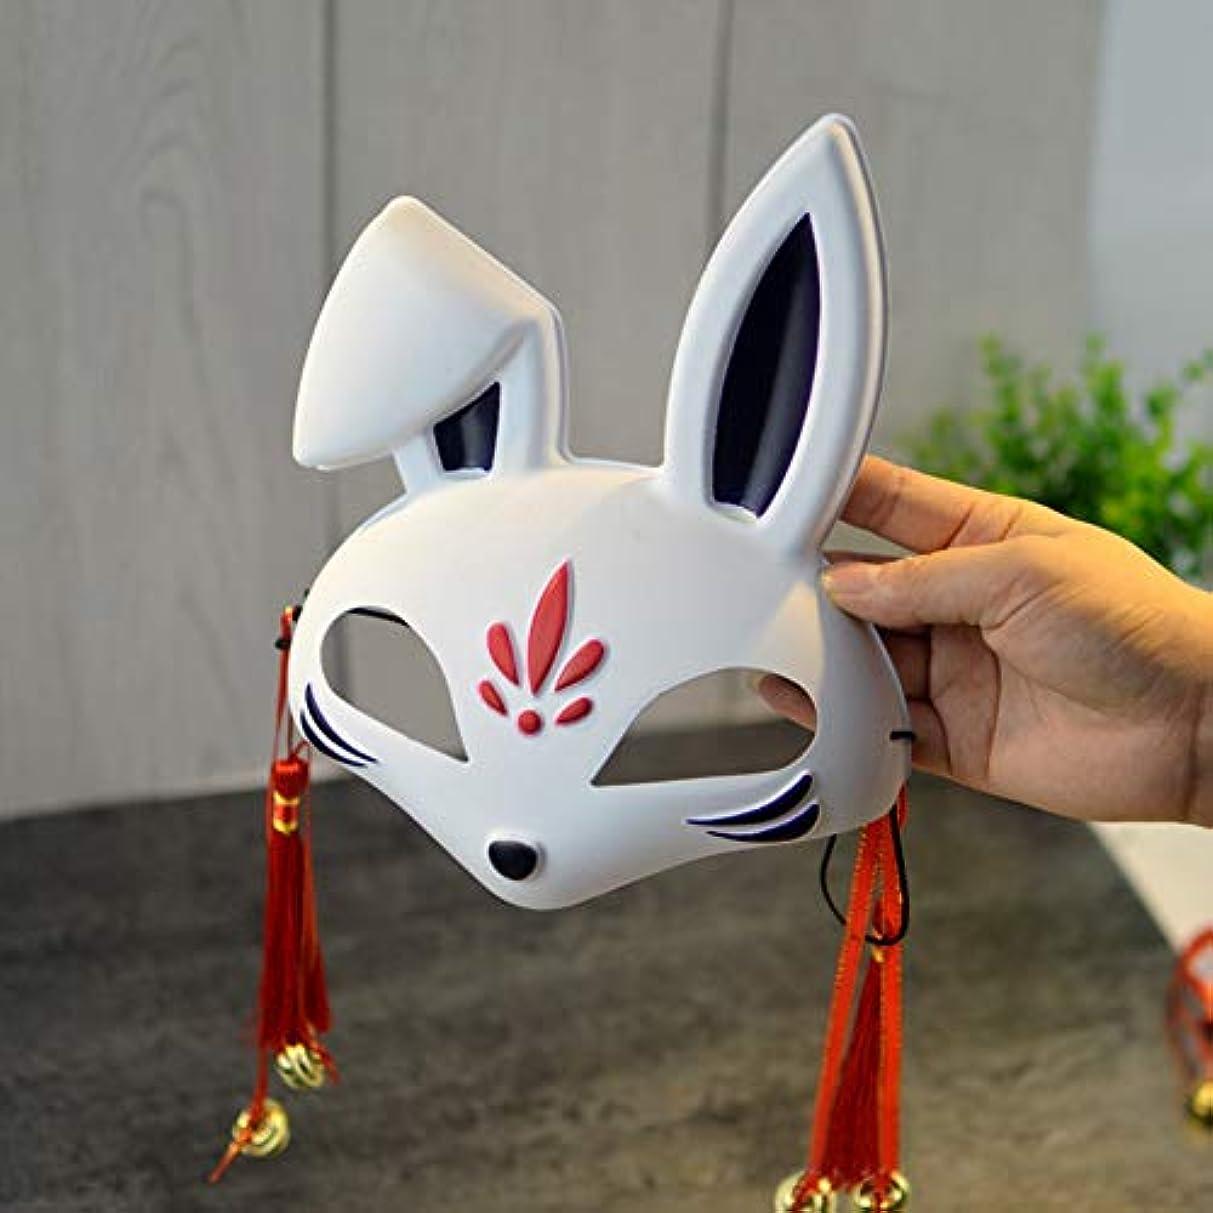 さわやかヘッジリファインEsolom うさぎマスク 半顔 ロールプレイングマスク ハロウィーン仮装衣装 PVCストリートダンスマスク 手描きのマスク 仮面舞踏会マスク